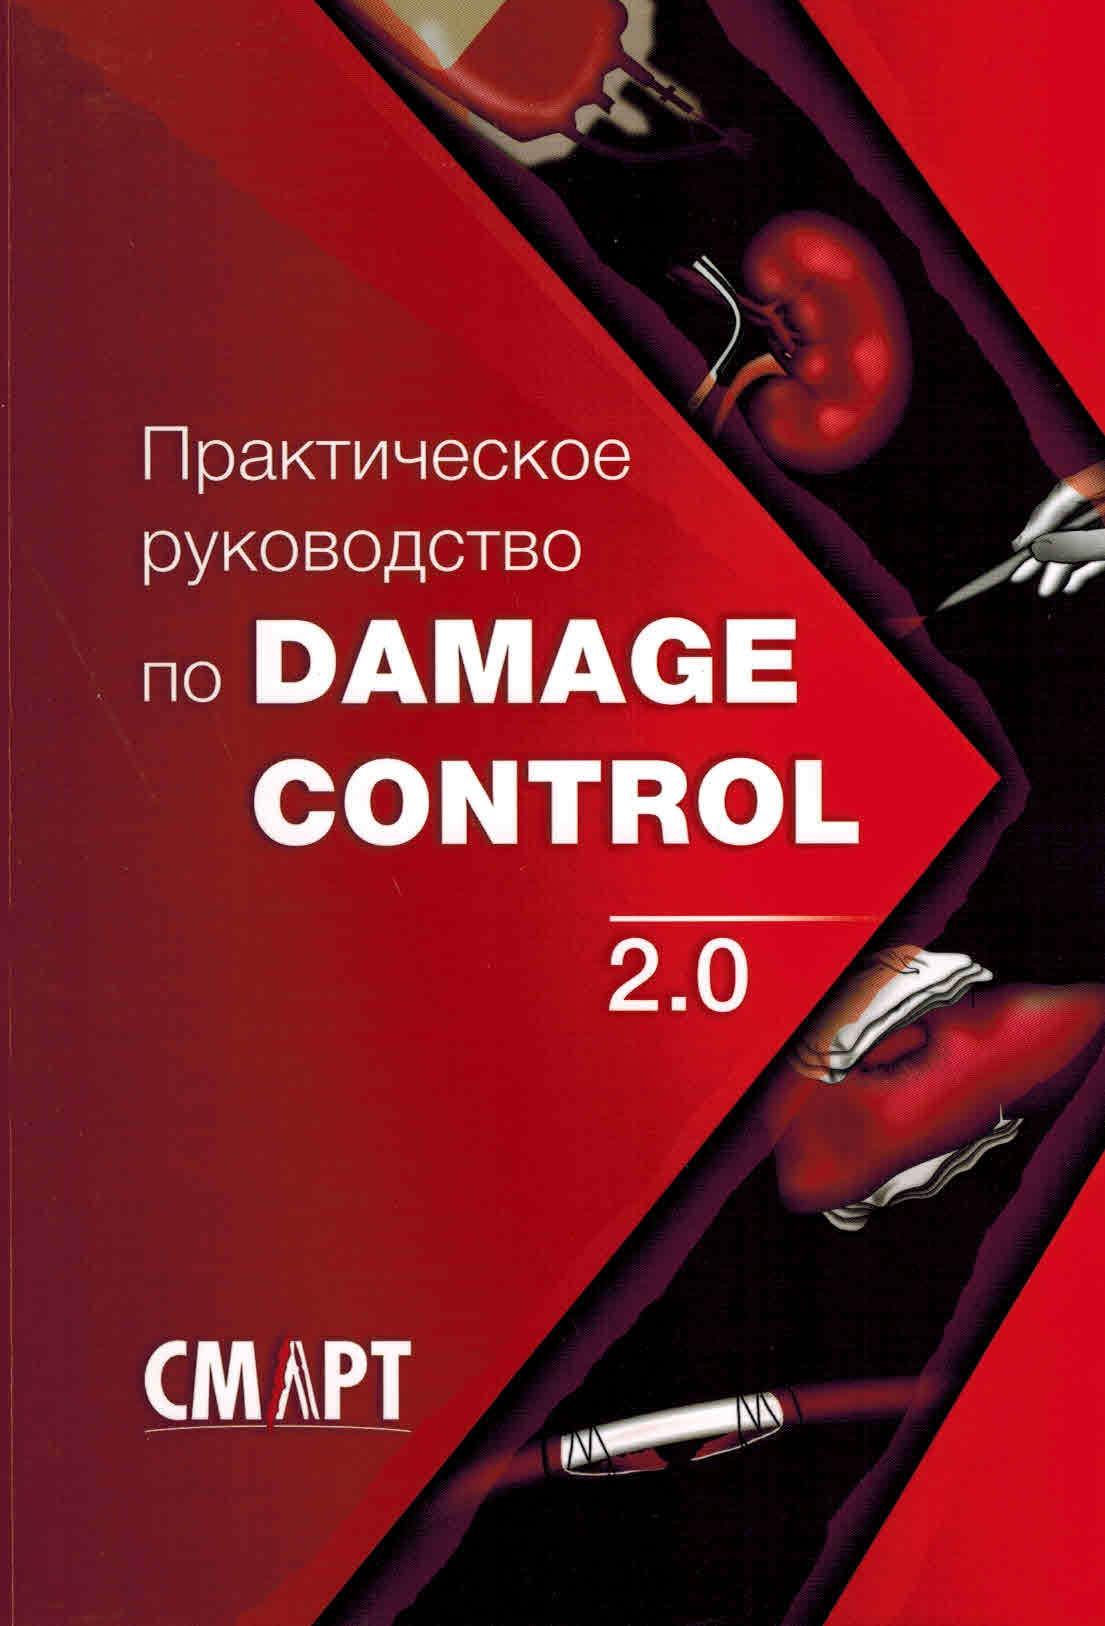 Анестезиология и реанимация Практическое руководство по DAMAGE CONTROL. Второе издание pr_ruk_po_dam_con_2.0.jpg